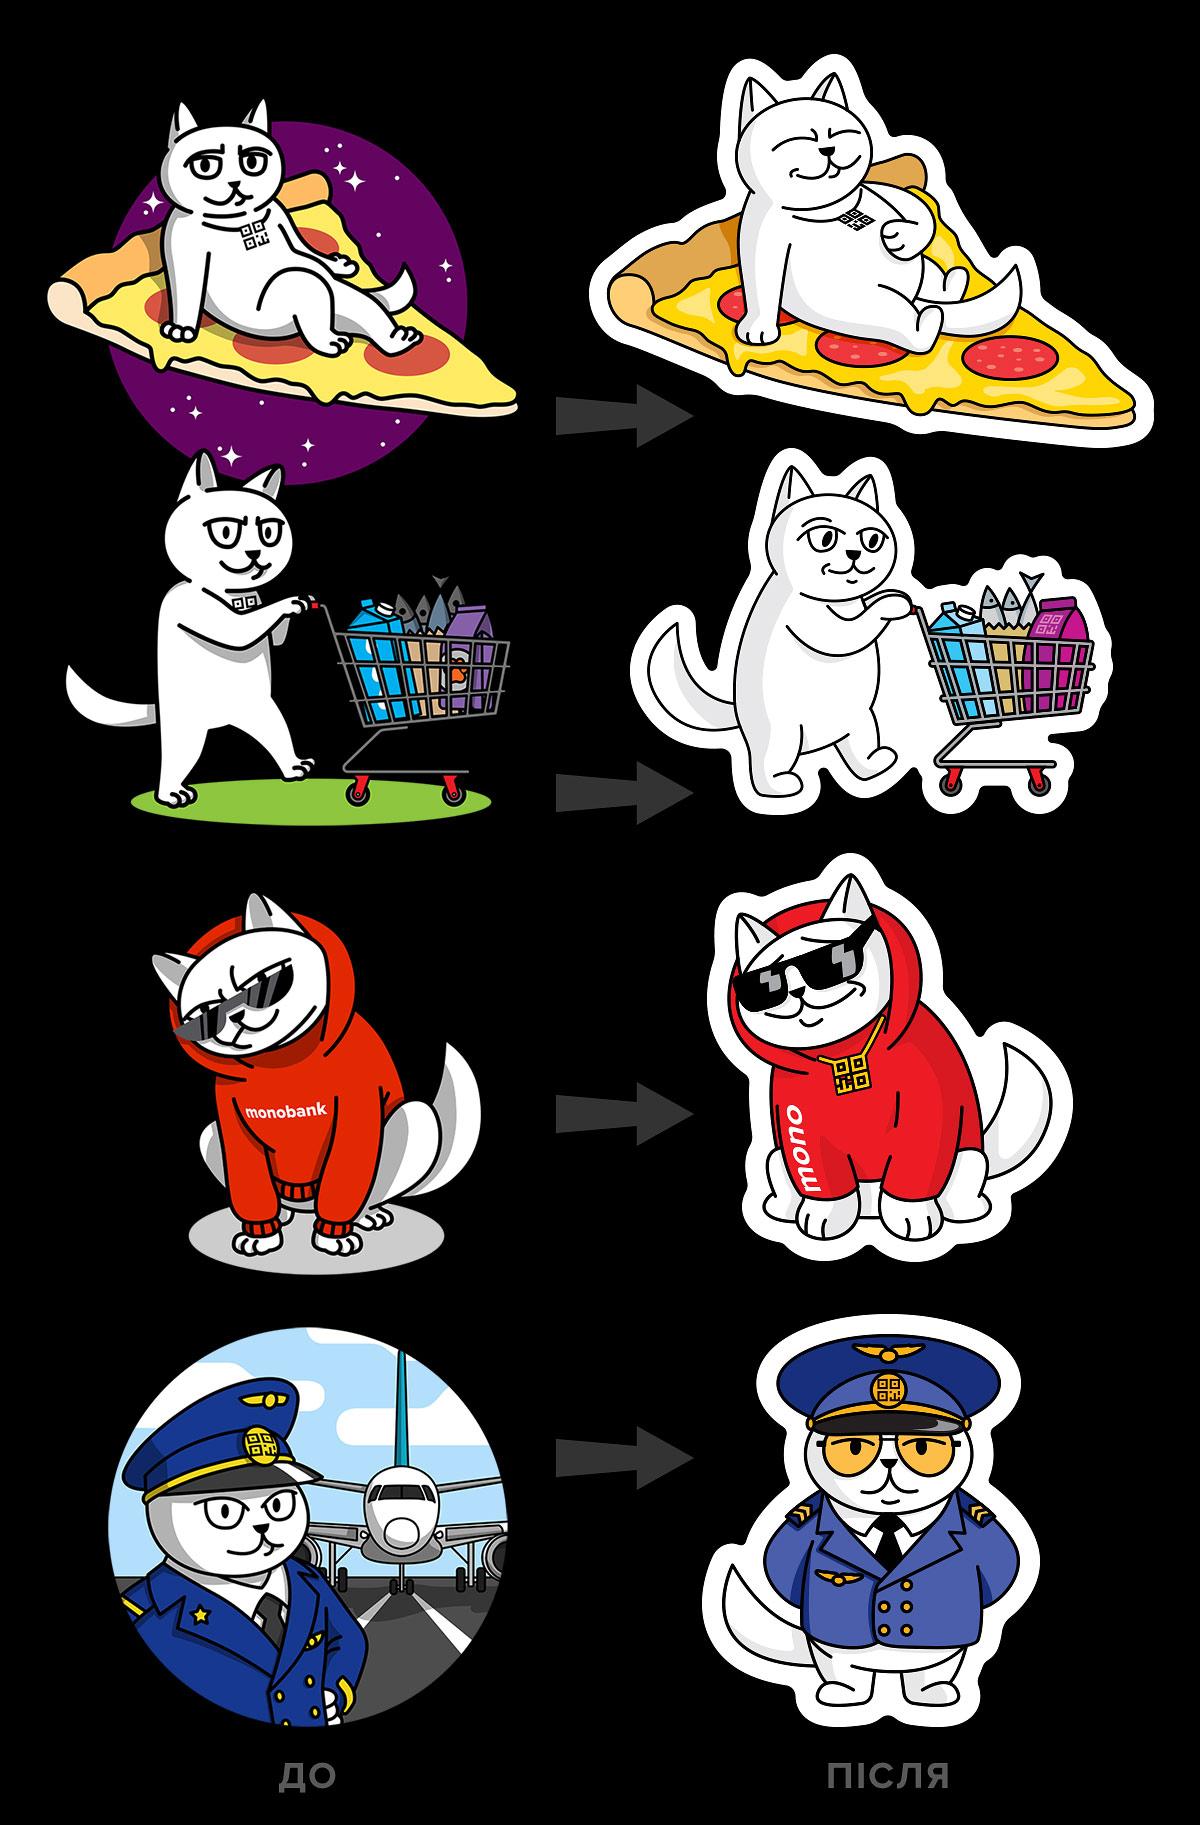 Кіт-талісман (маскот) monobank, редизайн для наліпок (стікерів) в торгові точки, де можна отримати кешбек за карткою монобанка.